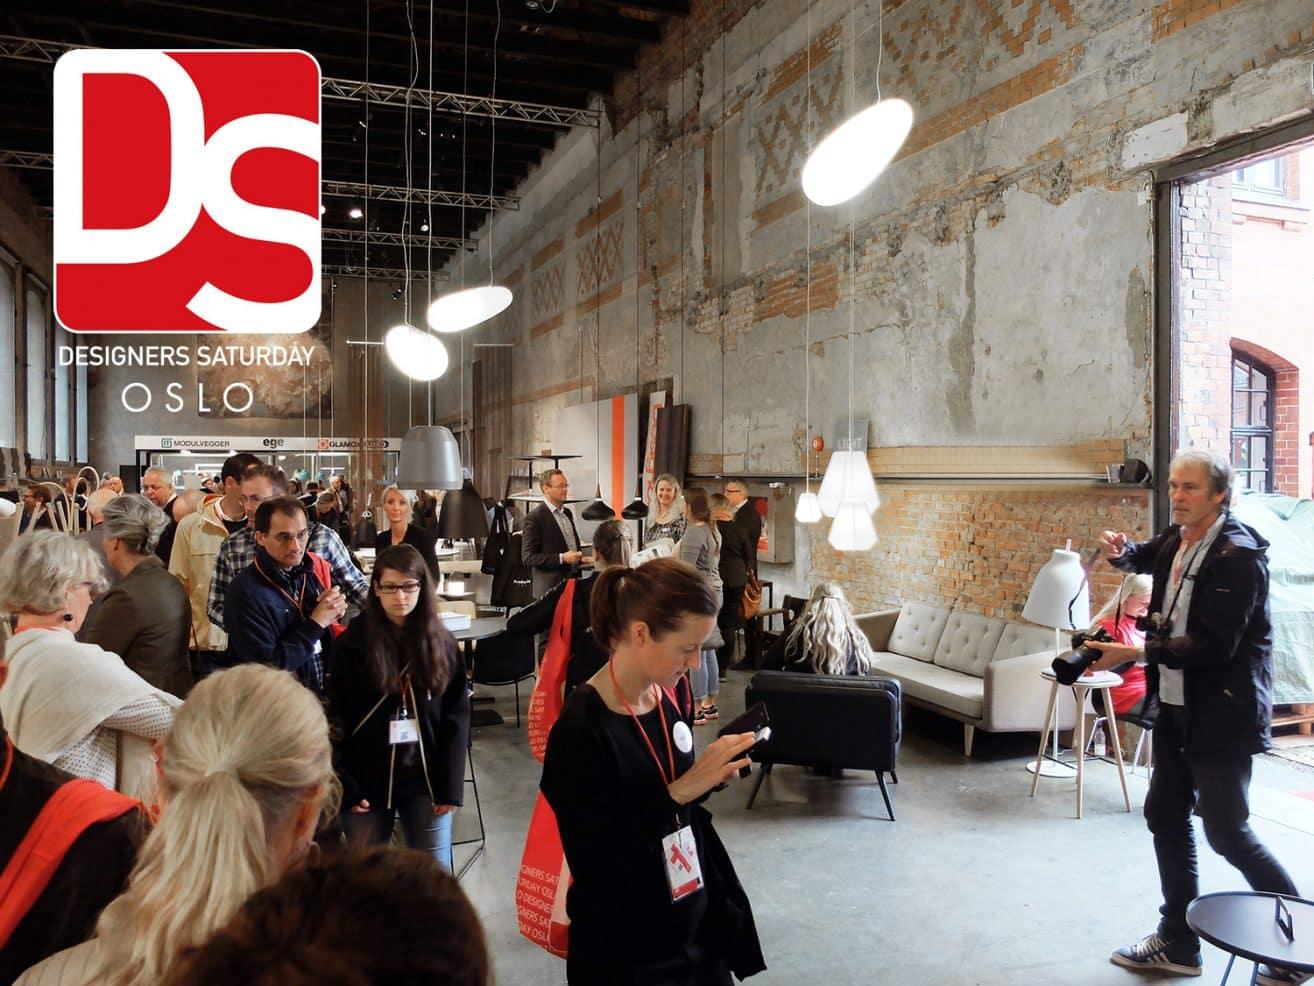 Designers Saturday Oslo 2017